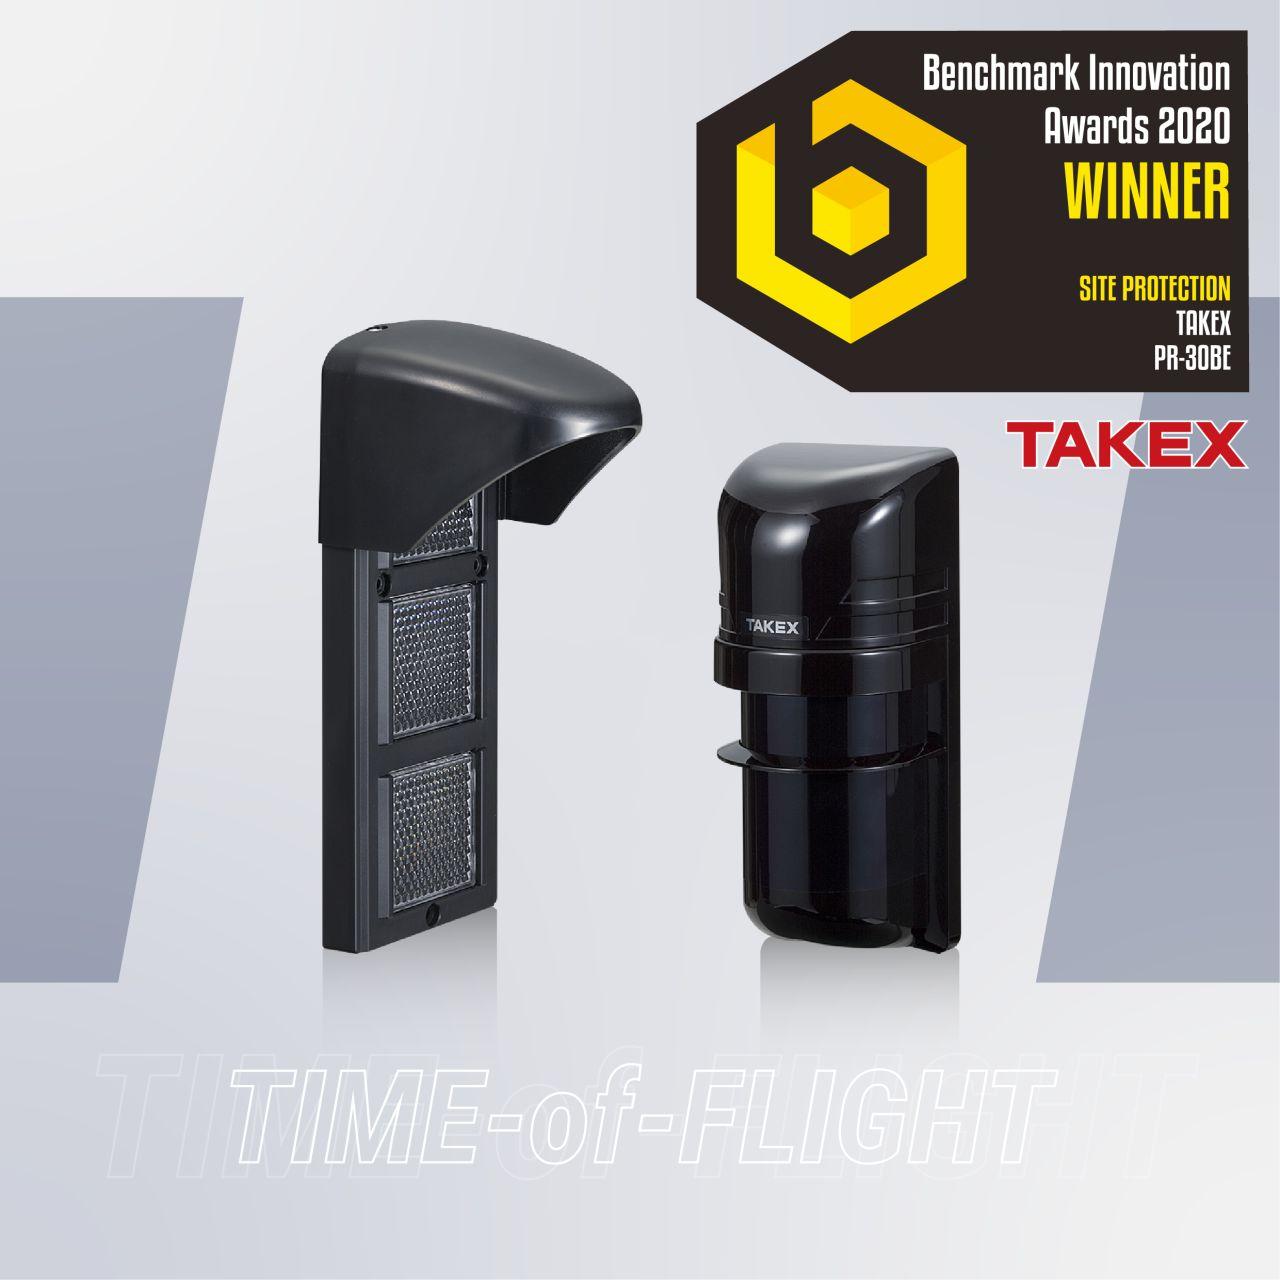 Premio Benchmark Innovation 2020 para TAKEX con su barrera de infrarrojos PR-30BE